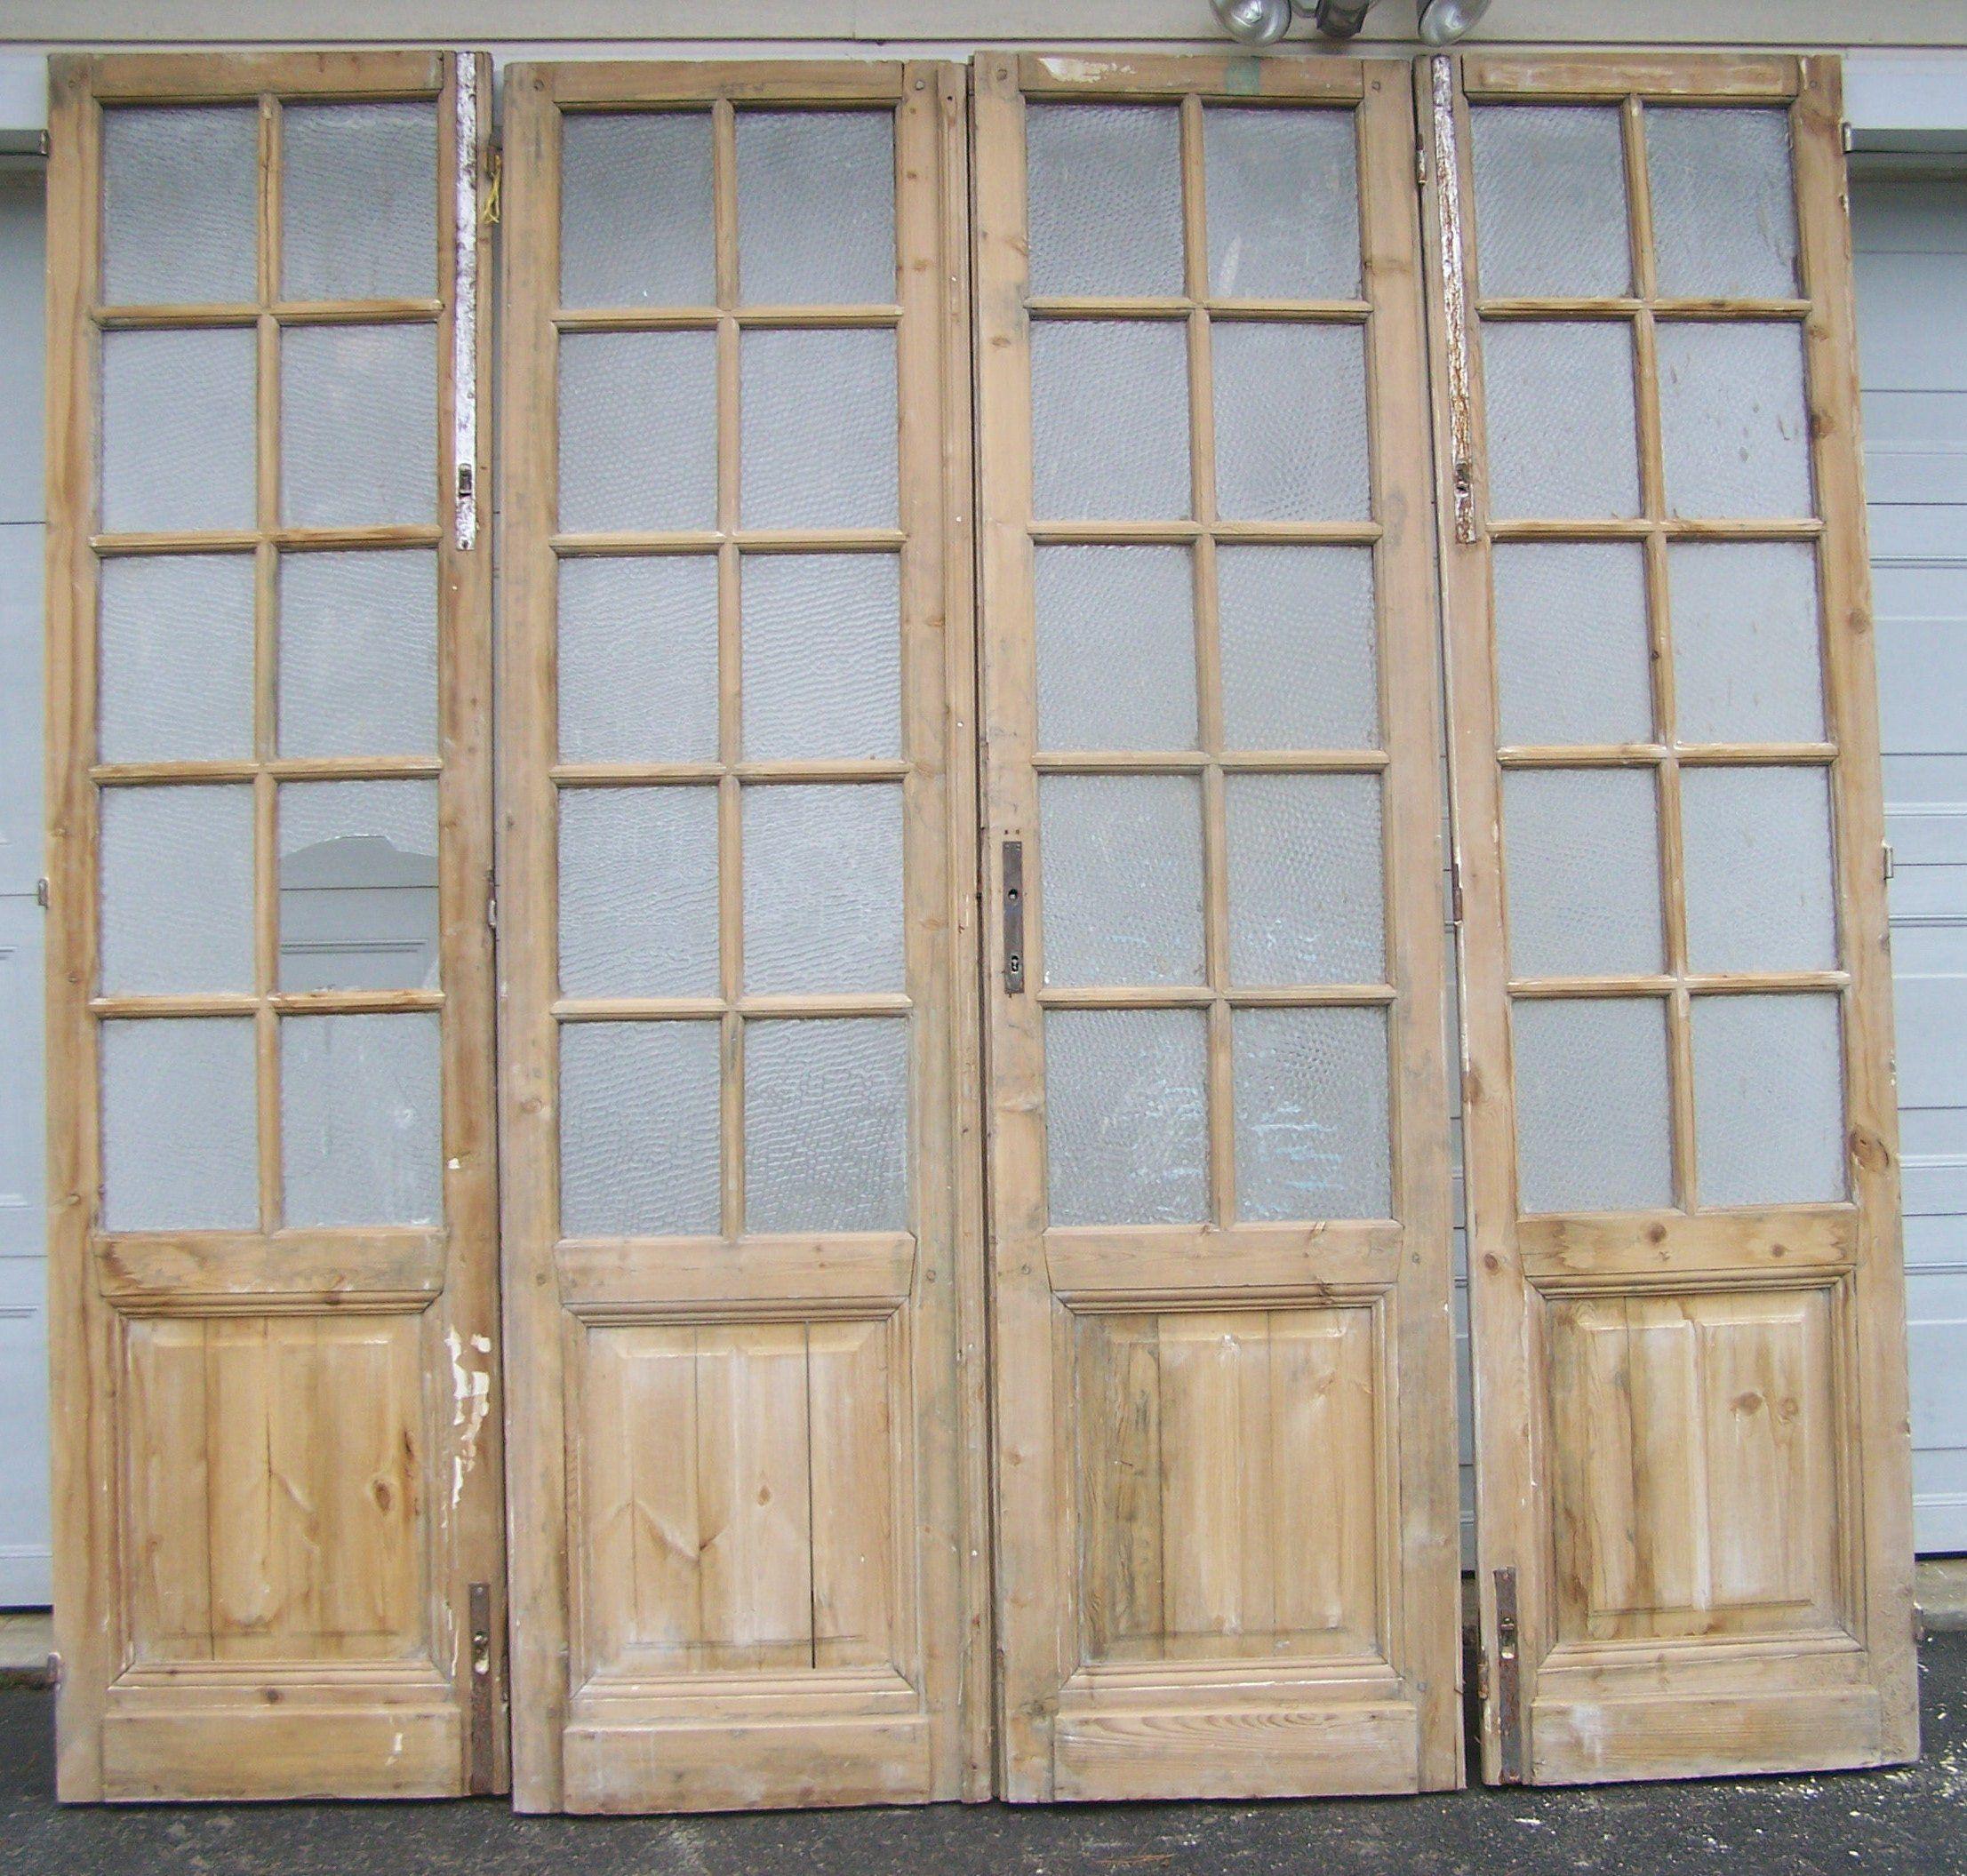 Antique Wood Two Panel Doorsglass Panelsmediterranean Etsy European Doors Wood Exterior Door How To Antique Wood